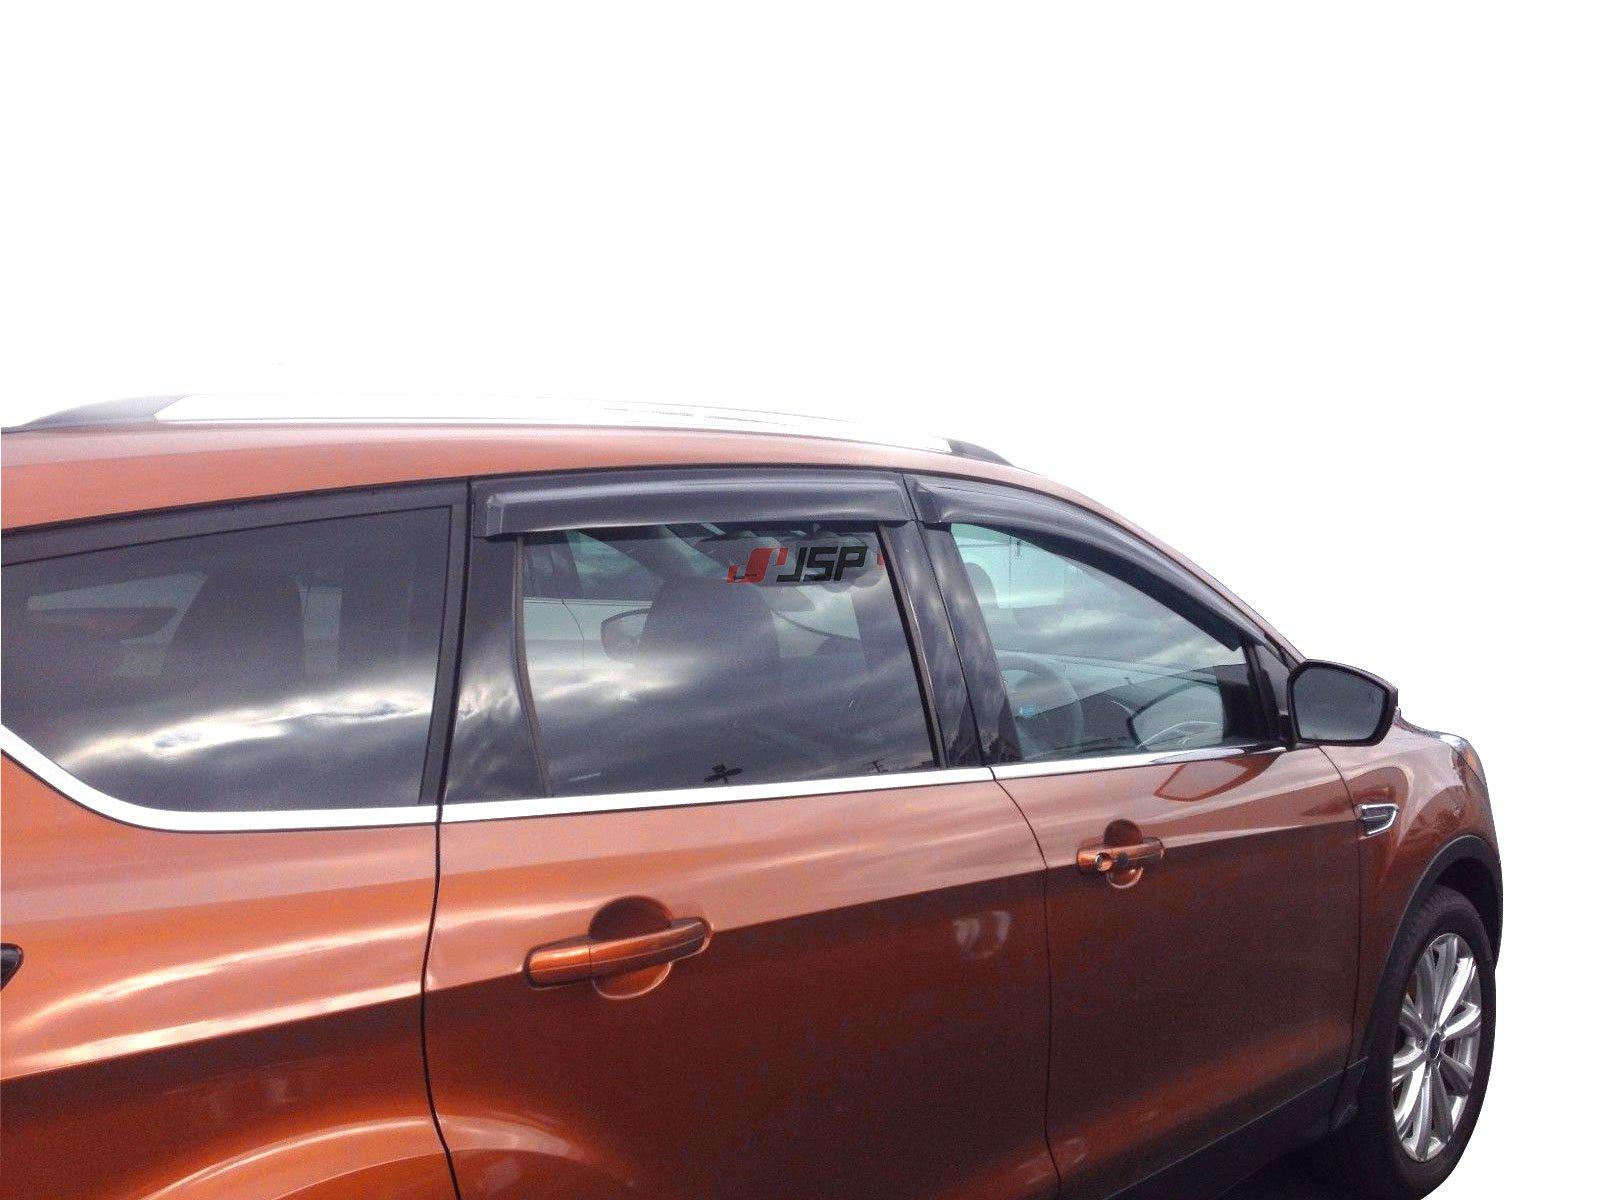 Get Quotations · JSP 218125 Ford Escape Side Window Deflector 2013-2017  Rain Guard Vent Visor